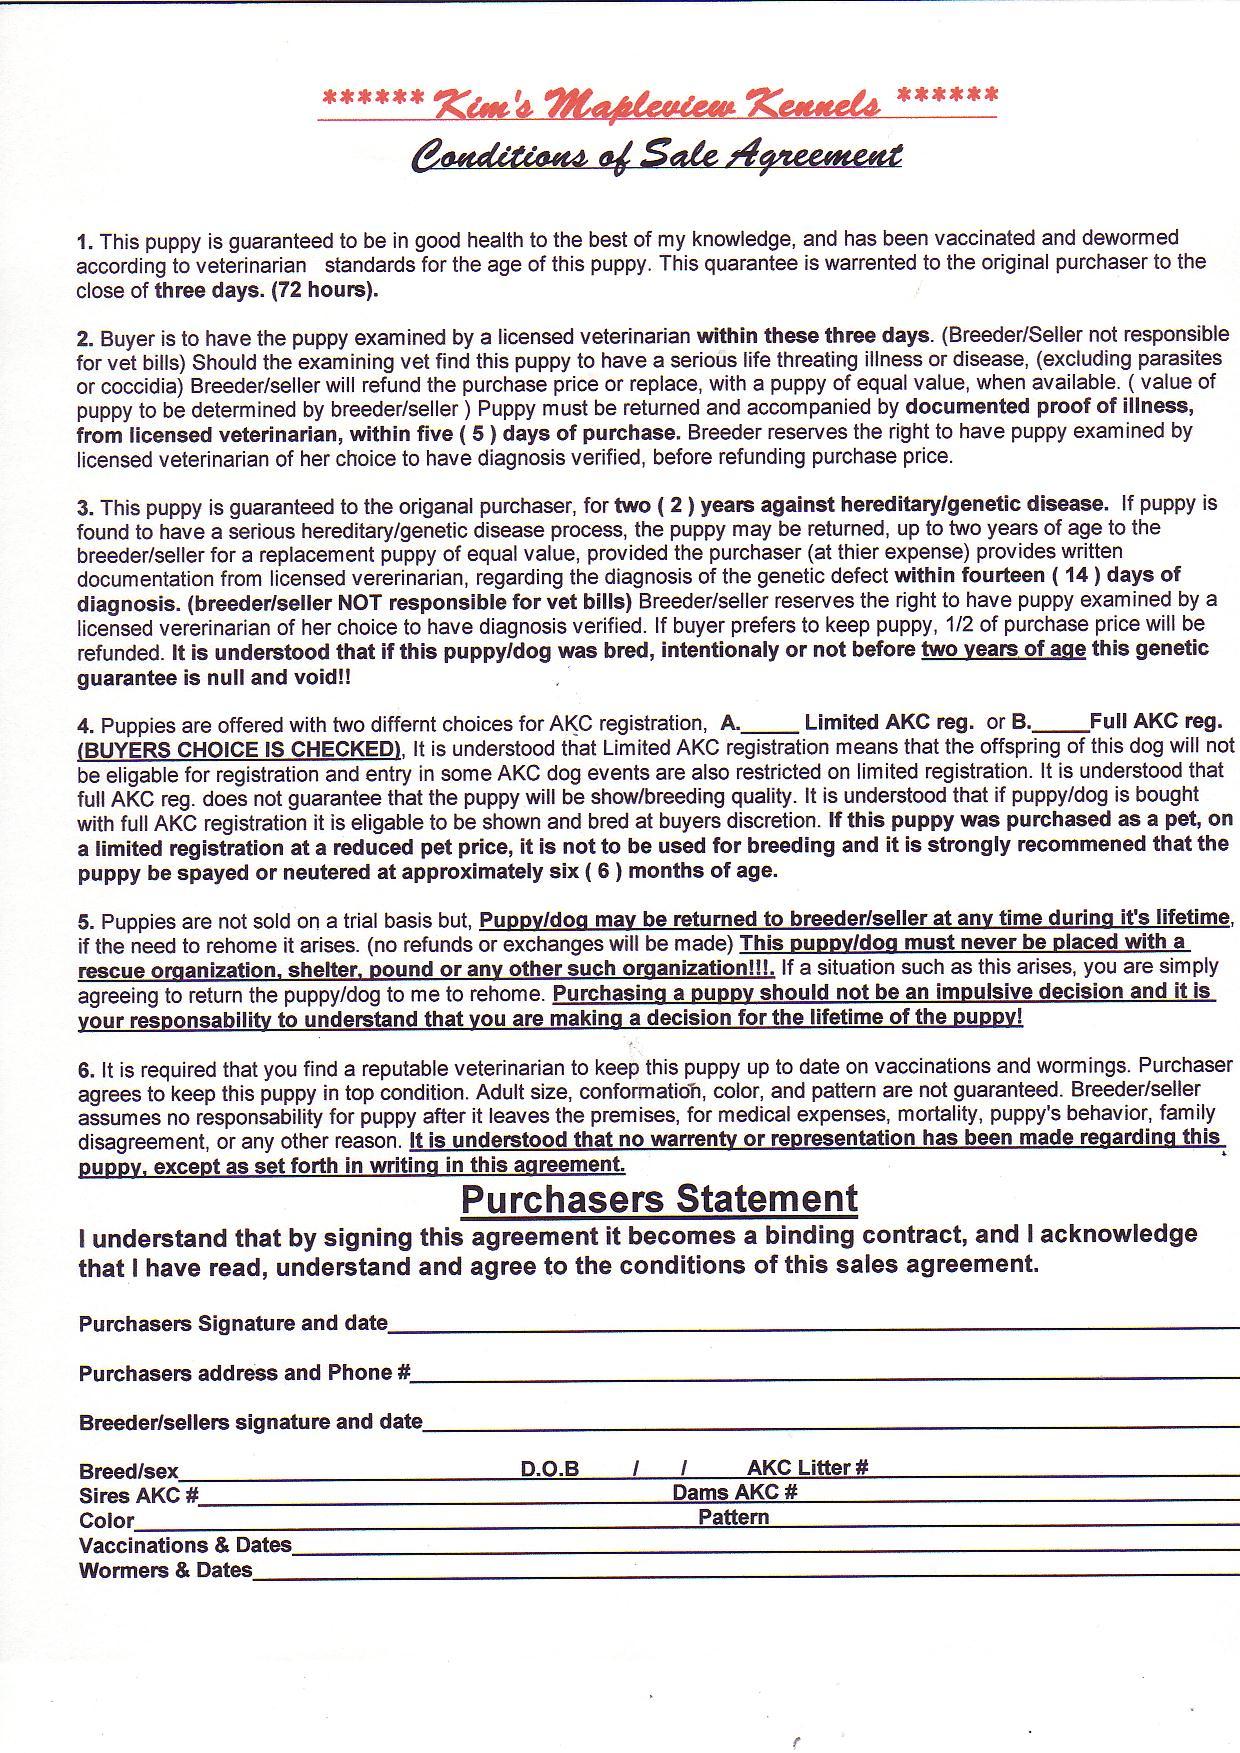 Sales Contract Health Guarantee